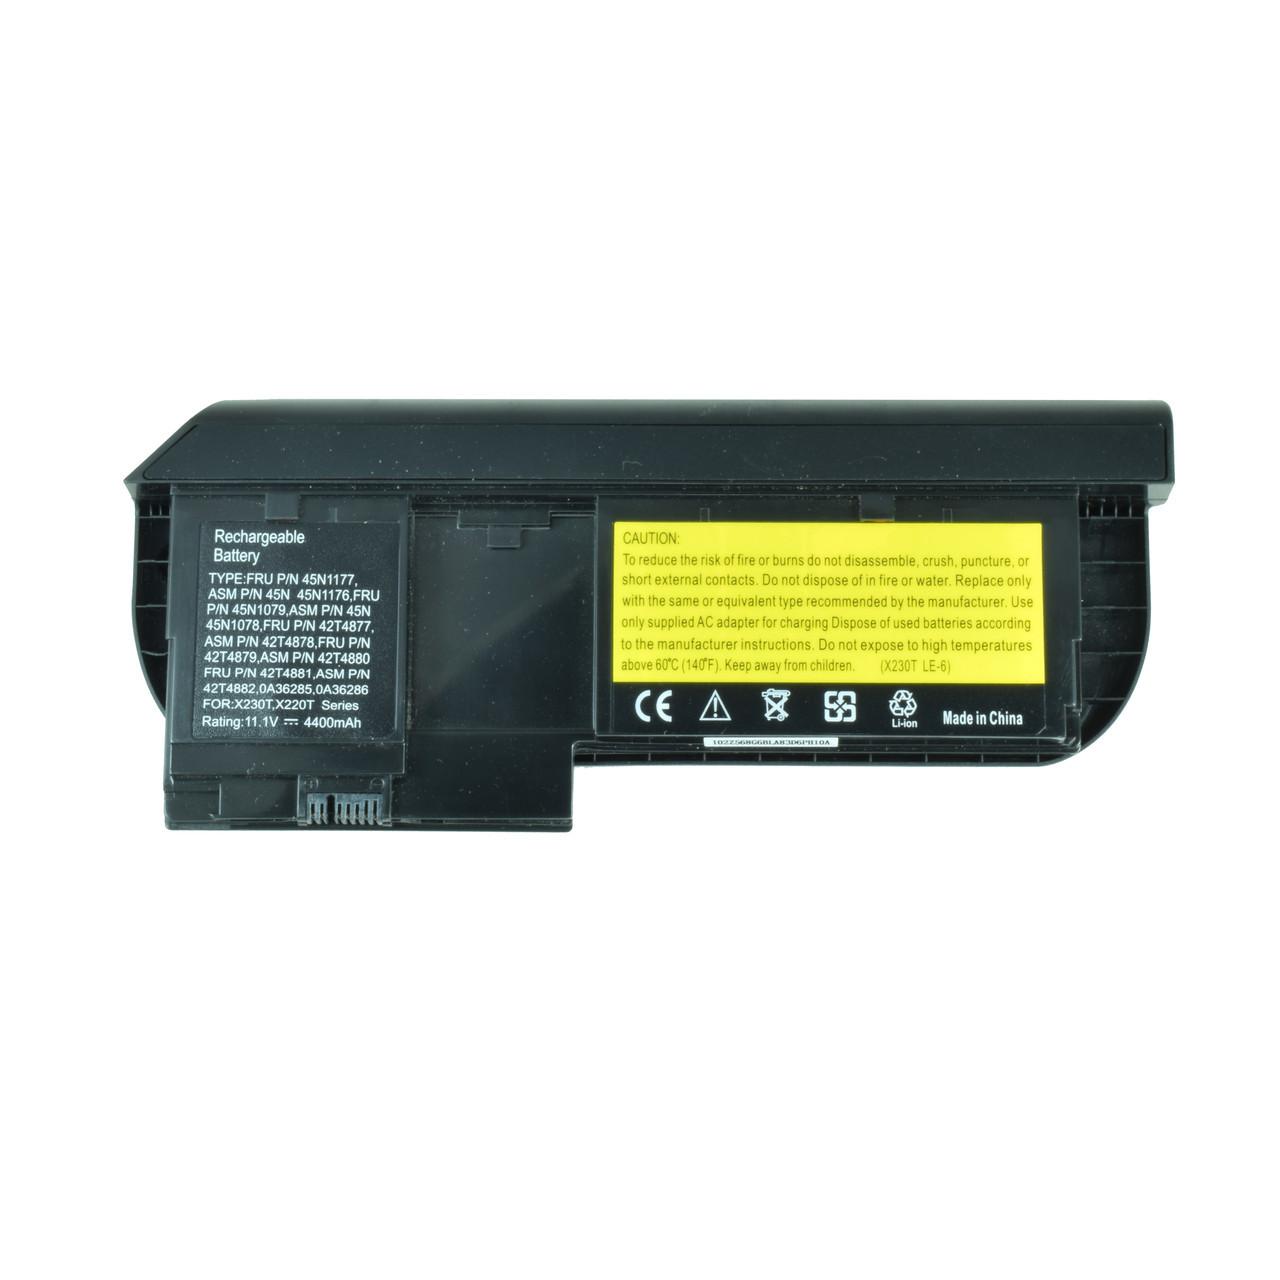 Батарея для ноутбука Lenovo 42T4877 42T4878 42T4879 42T4880 42T4881 42T4882 0A36285 0A36286